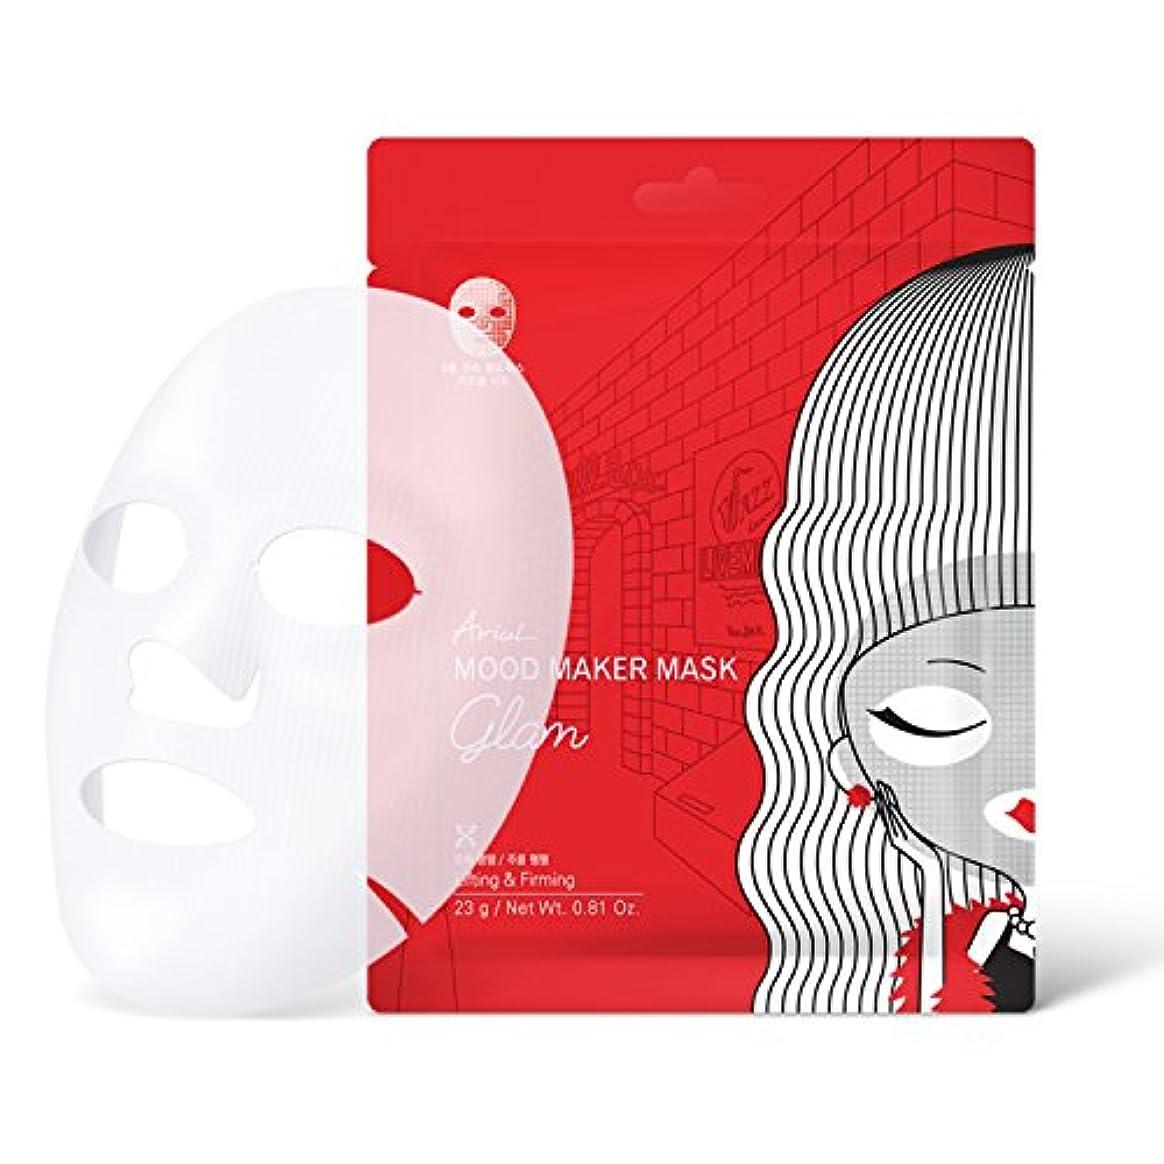 露出度の高いアウター論理アリウル ムードメーカーマスク グラマラス 1枚入り